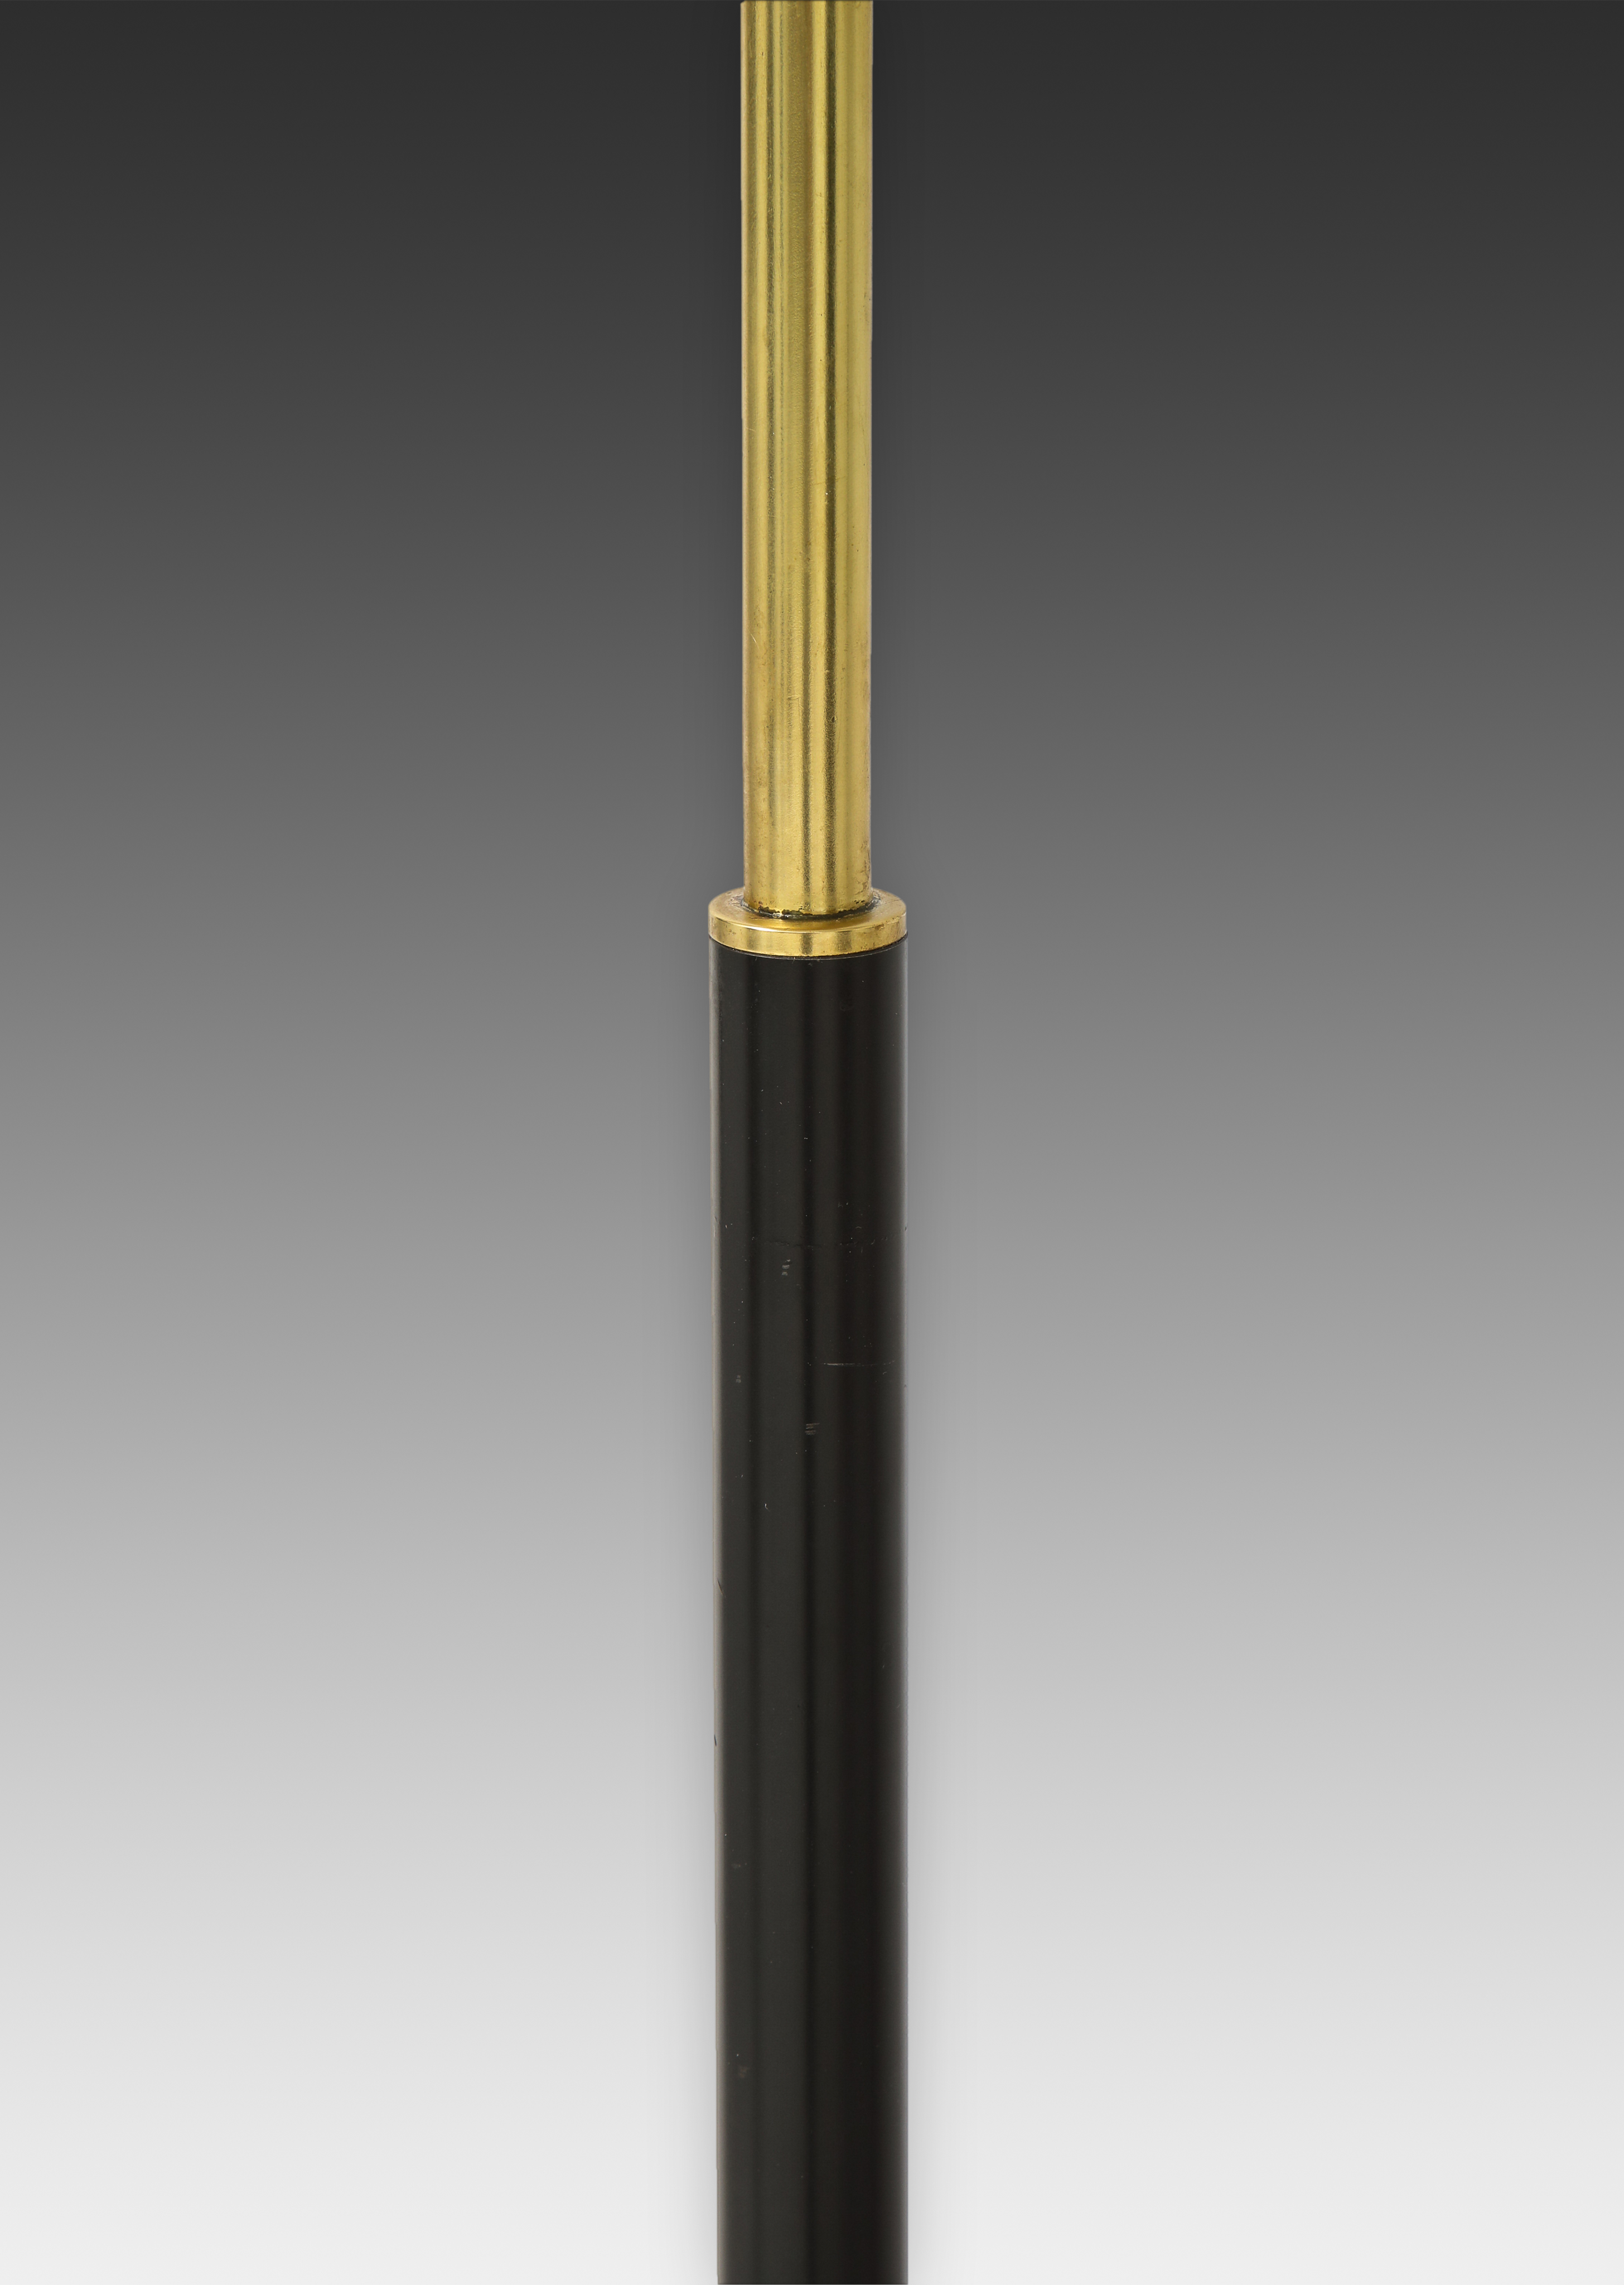 STI401-7 by  | soyun k.